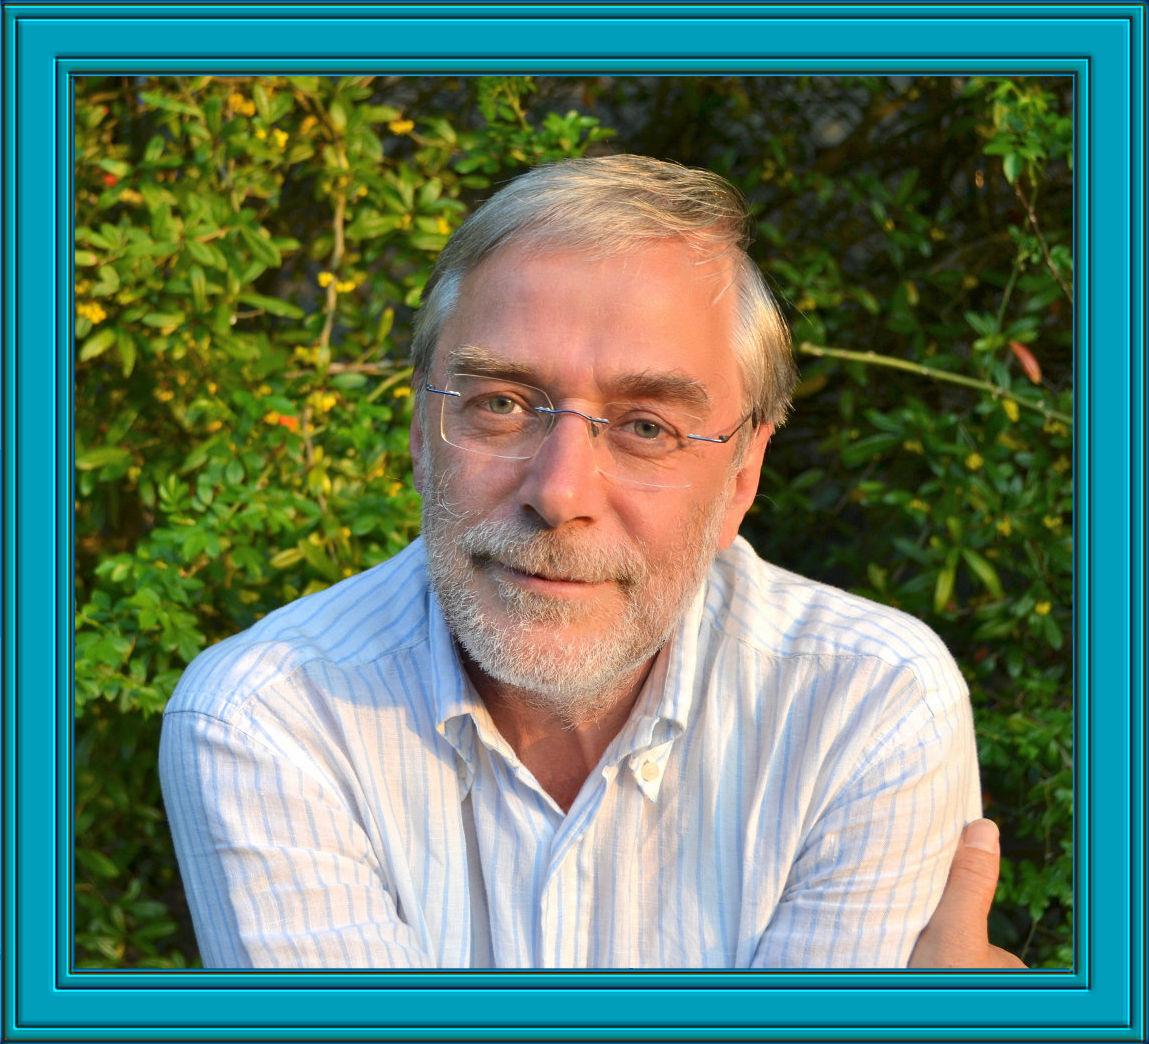 Neorobiologe Prof. Dr. Gerald Huether